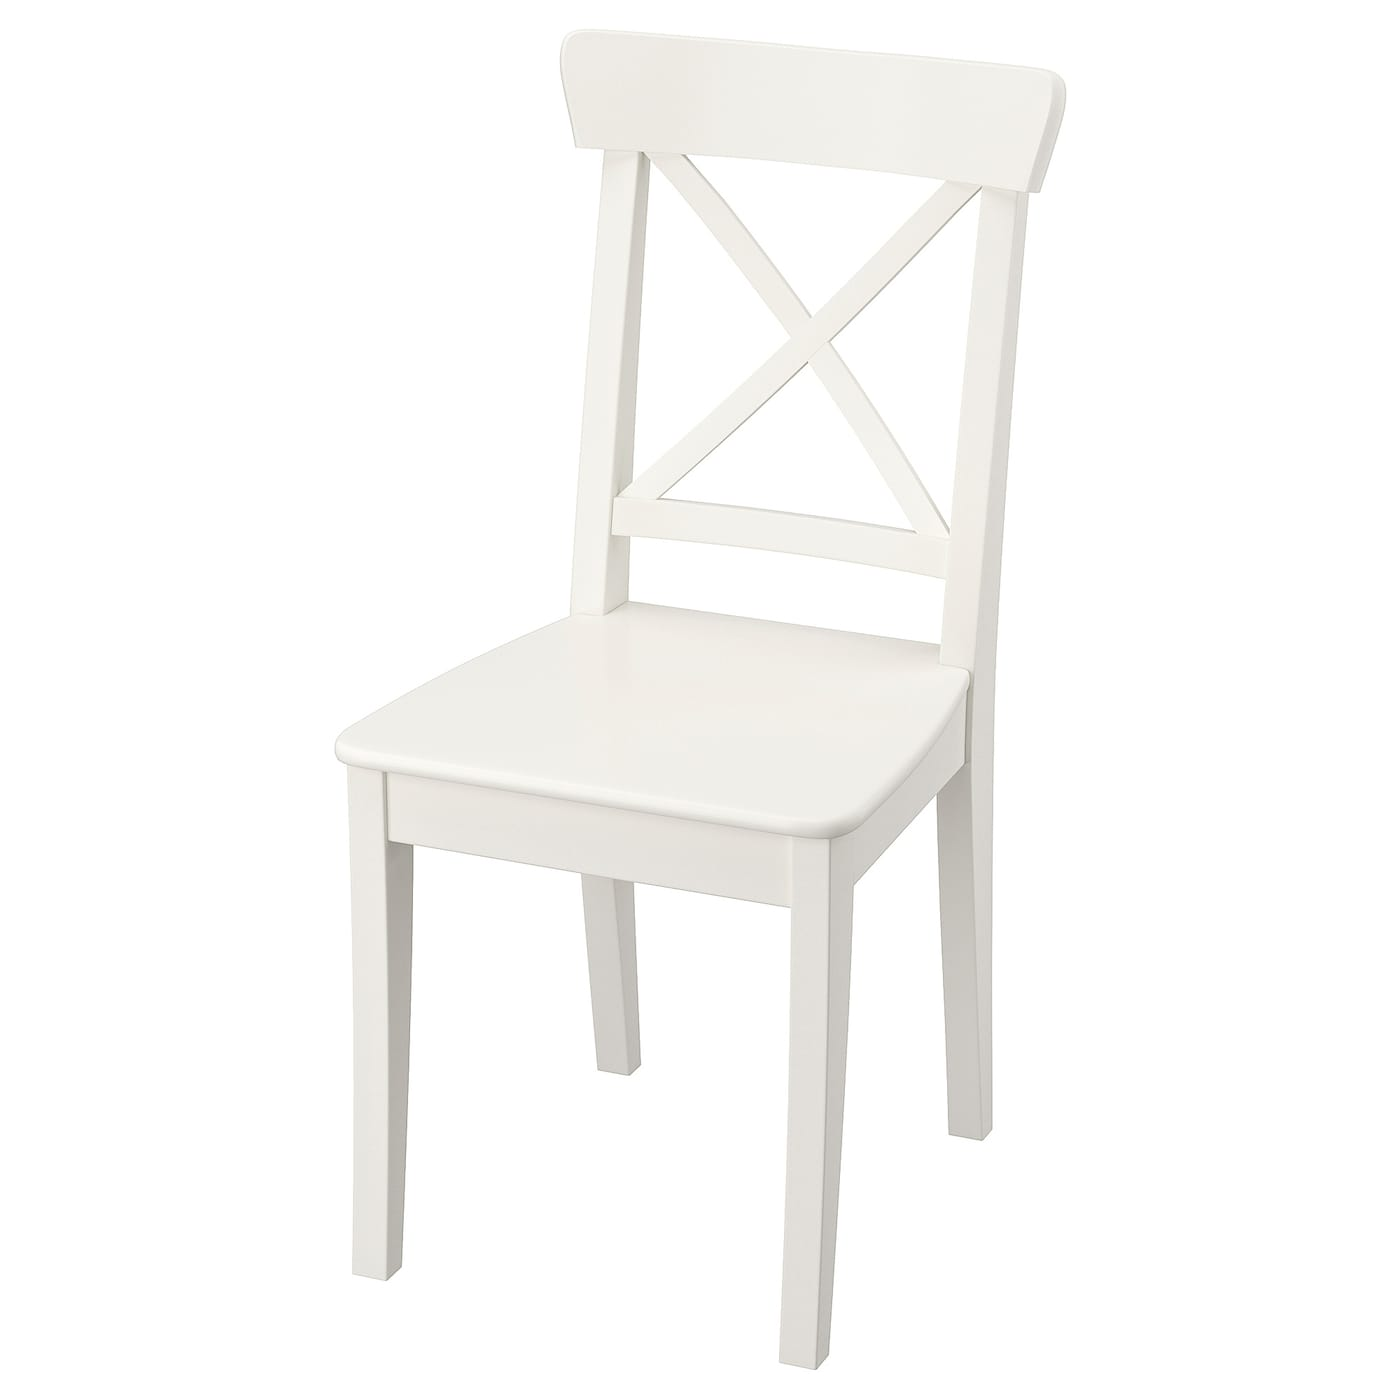 râme albe în scaun